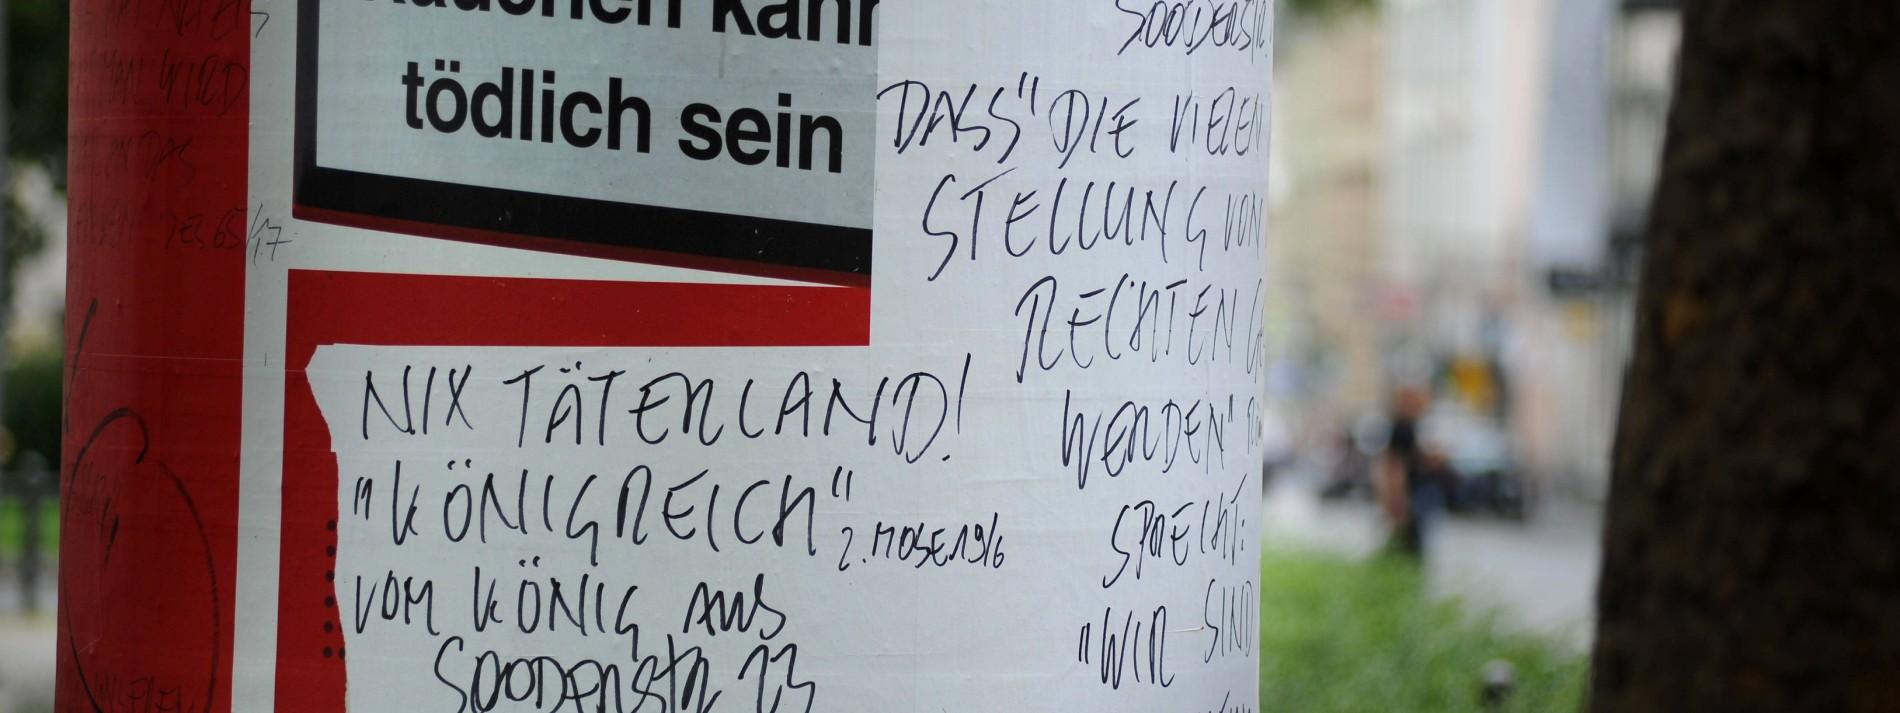 Bibelzitate In Der Stadt Wiesbadener Hält Sich Für Gott